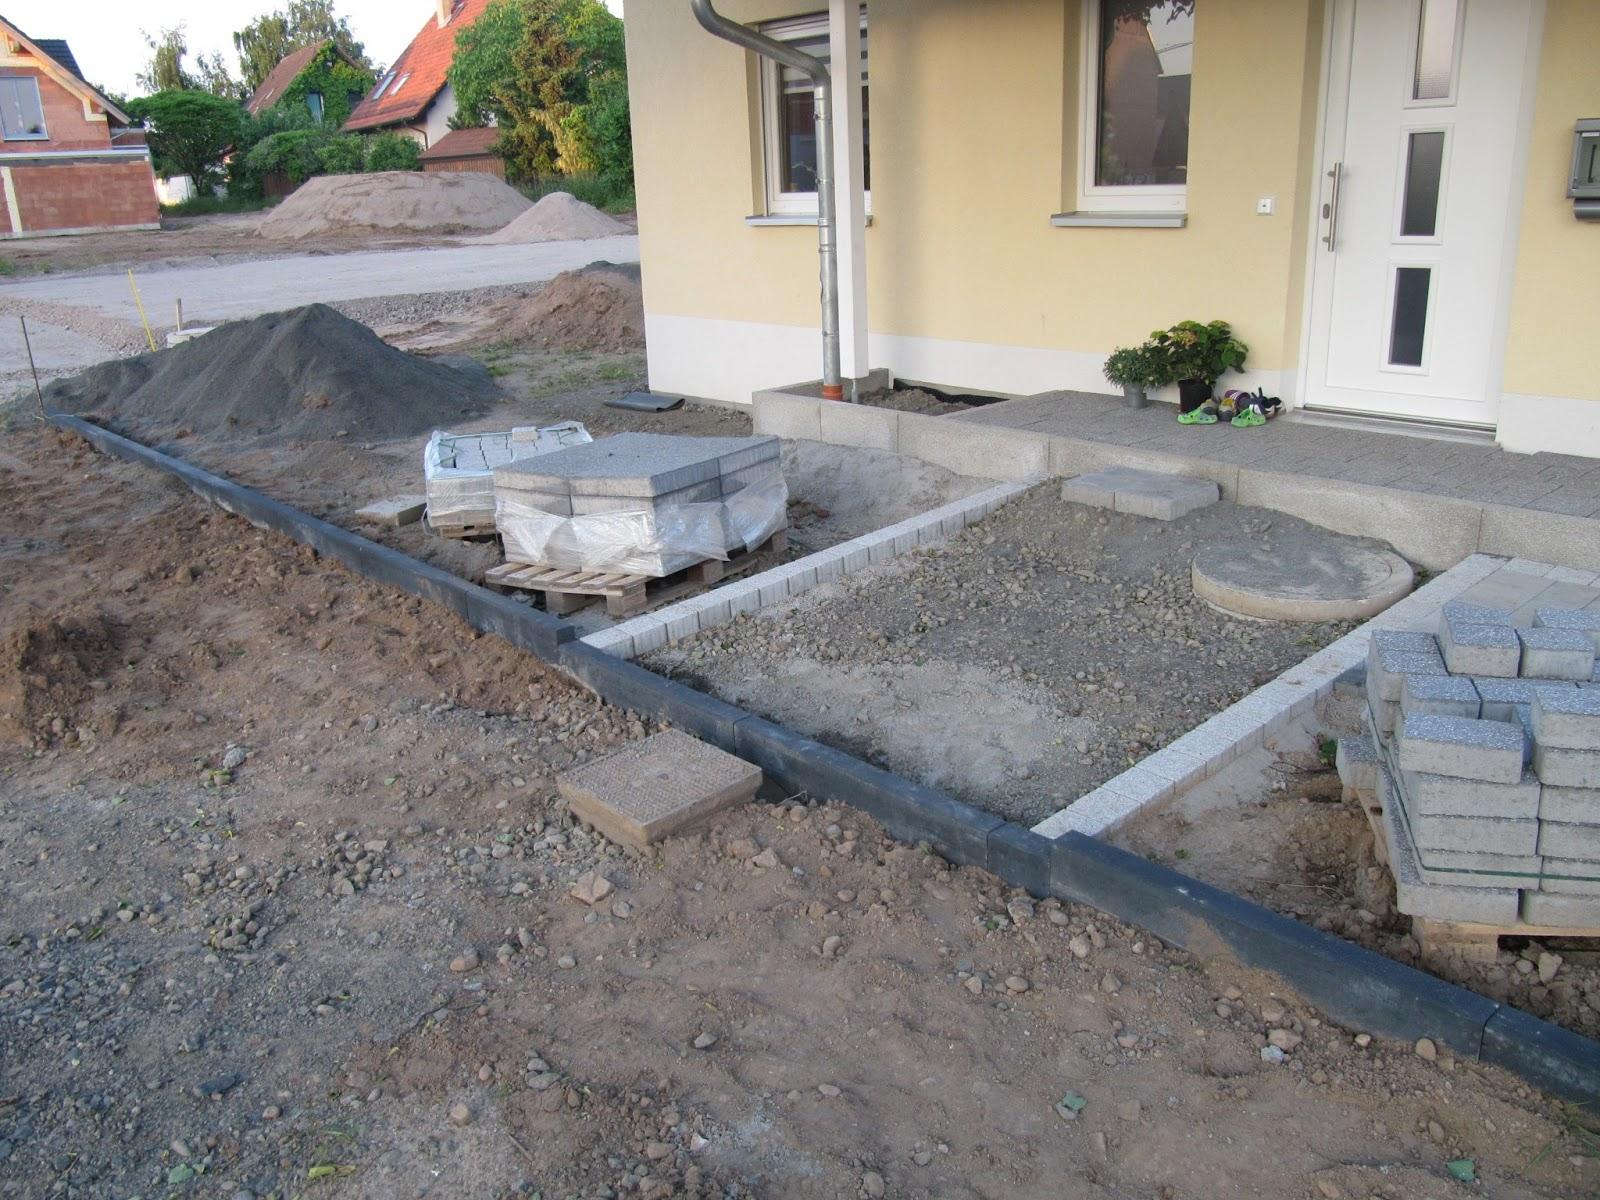 projekt schnitzelbude kantensteine fertig erste pfostentr ger f r carport gesetzt und. Black Bedroom Furniture Sets. Home Design Ideas